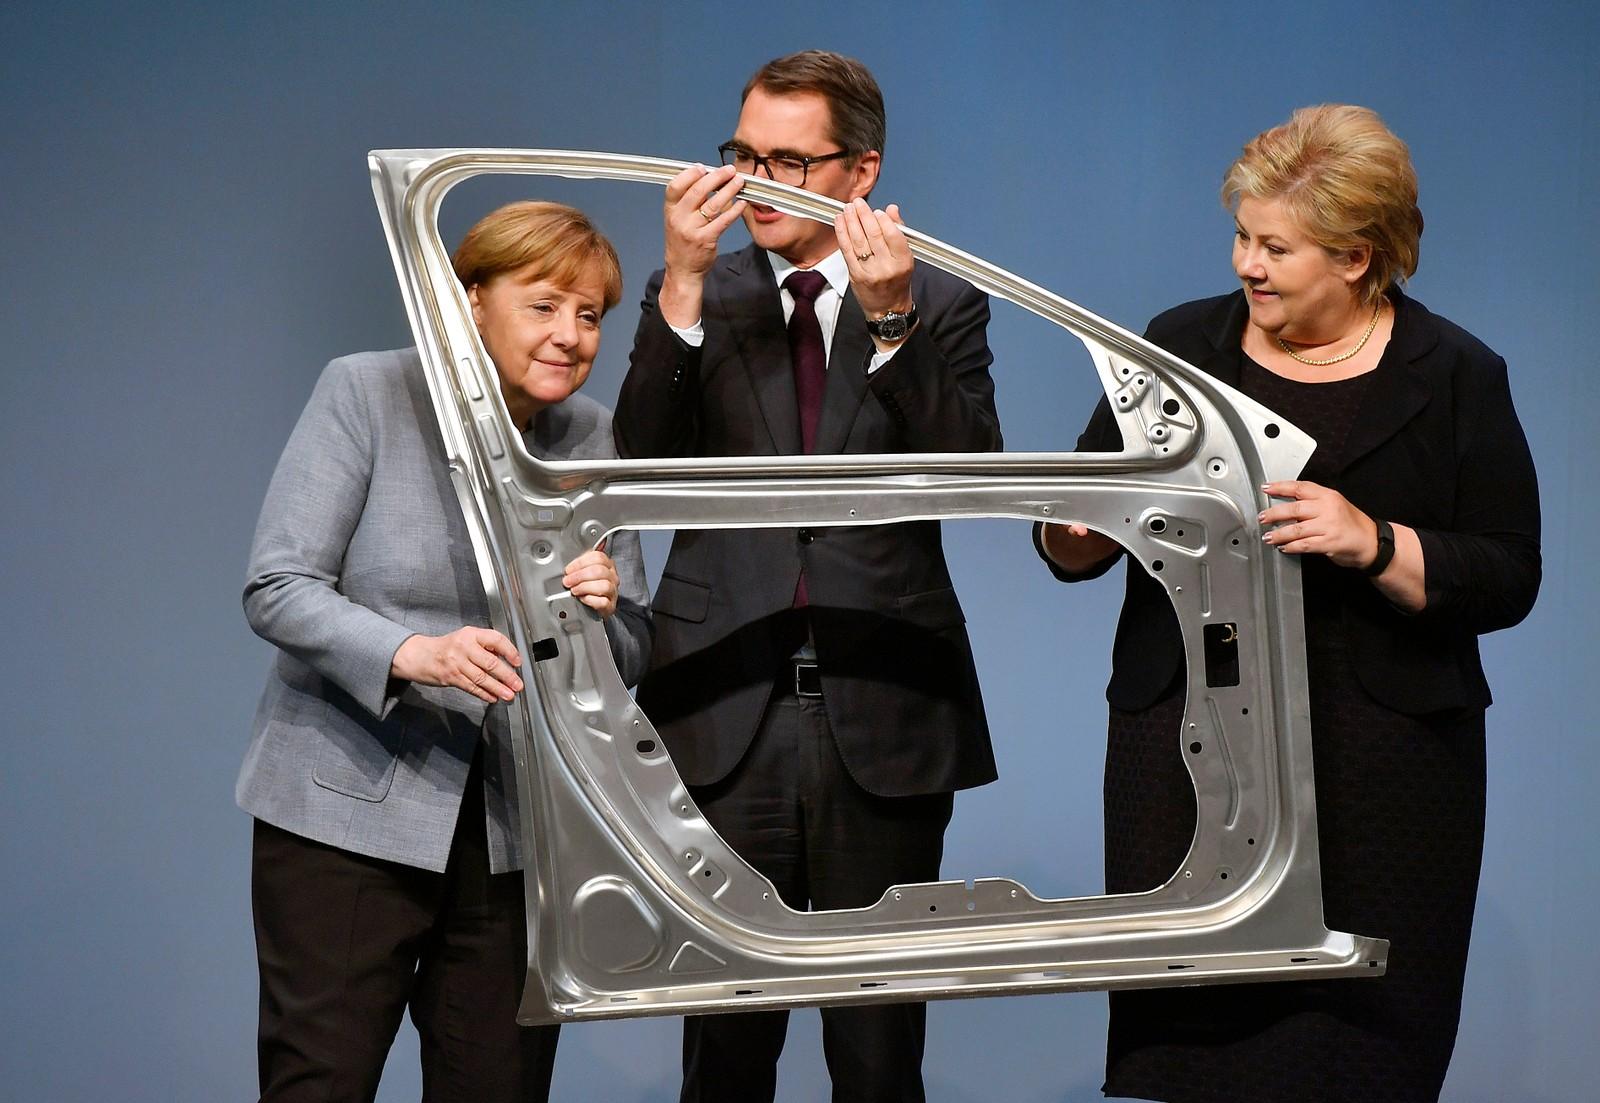 Angela Merkel, Hydro-sjef Svein Richard Brandtzæg og Erna Solberg under åpningen av et nytt Hydro-anlegg i Nordrhein-Westphalen i Tyskland. Anlegget skal produsere bildeler i lettmetall.